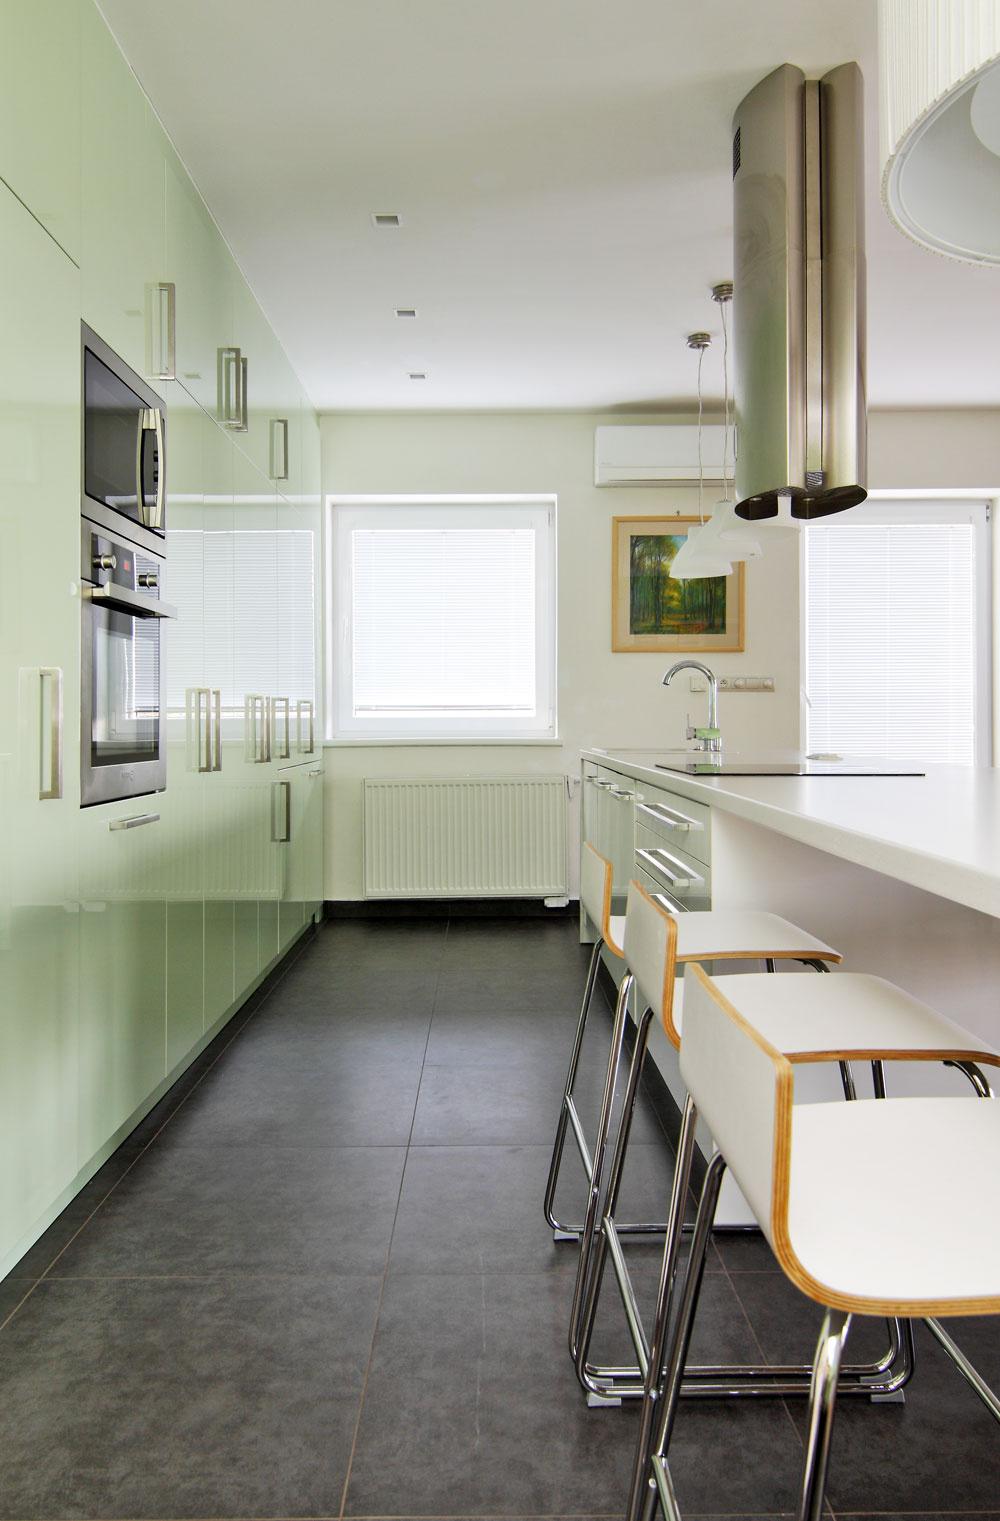 Na základe projektu od architekta sa realizácie interiéru chopili jeho budúci obyvatelia sami. Domáca pani vybrala aj dominantnú pastelovozelenú farbu, ktorá sa prejavila najmä na obývačkovej stene avysokých skrinkách kuchynskej linky. Zelená je totiž jej obľúbená. Na mieru vyrobená kuchynská zostava skryla aj komínové prieduchy – vtej časti museli byť skrinky plytšie.